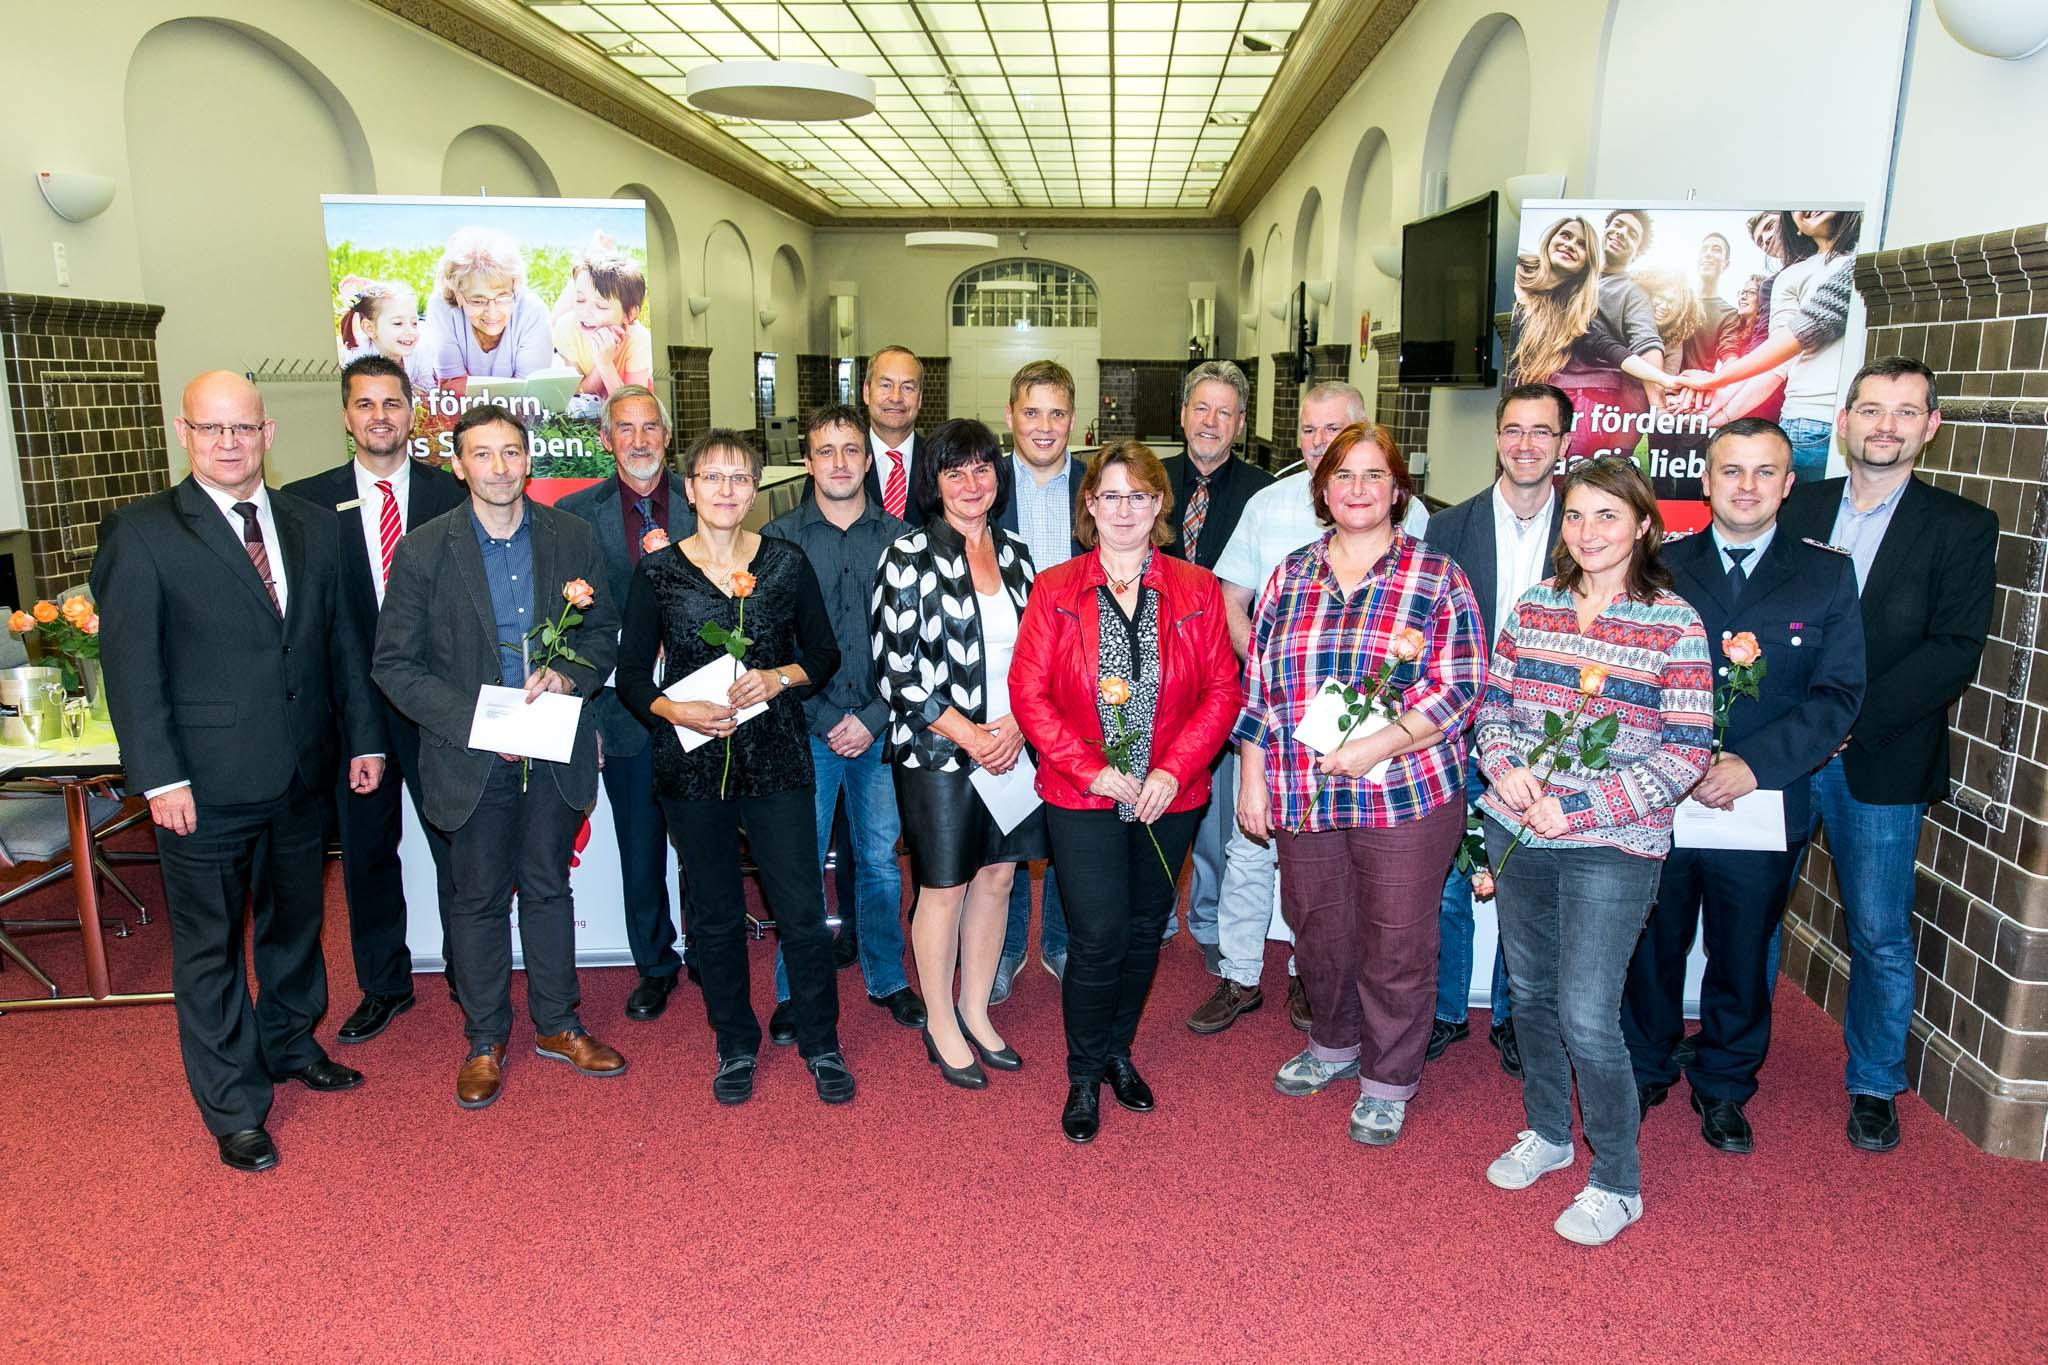 2018 11 08 Übergabe von Spenden im Landkreis Dahme-Spreewald